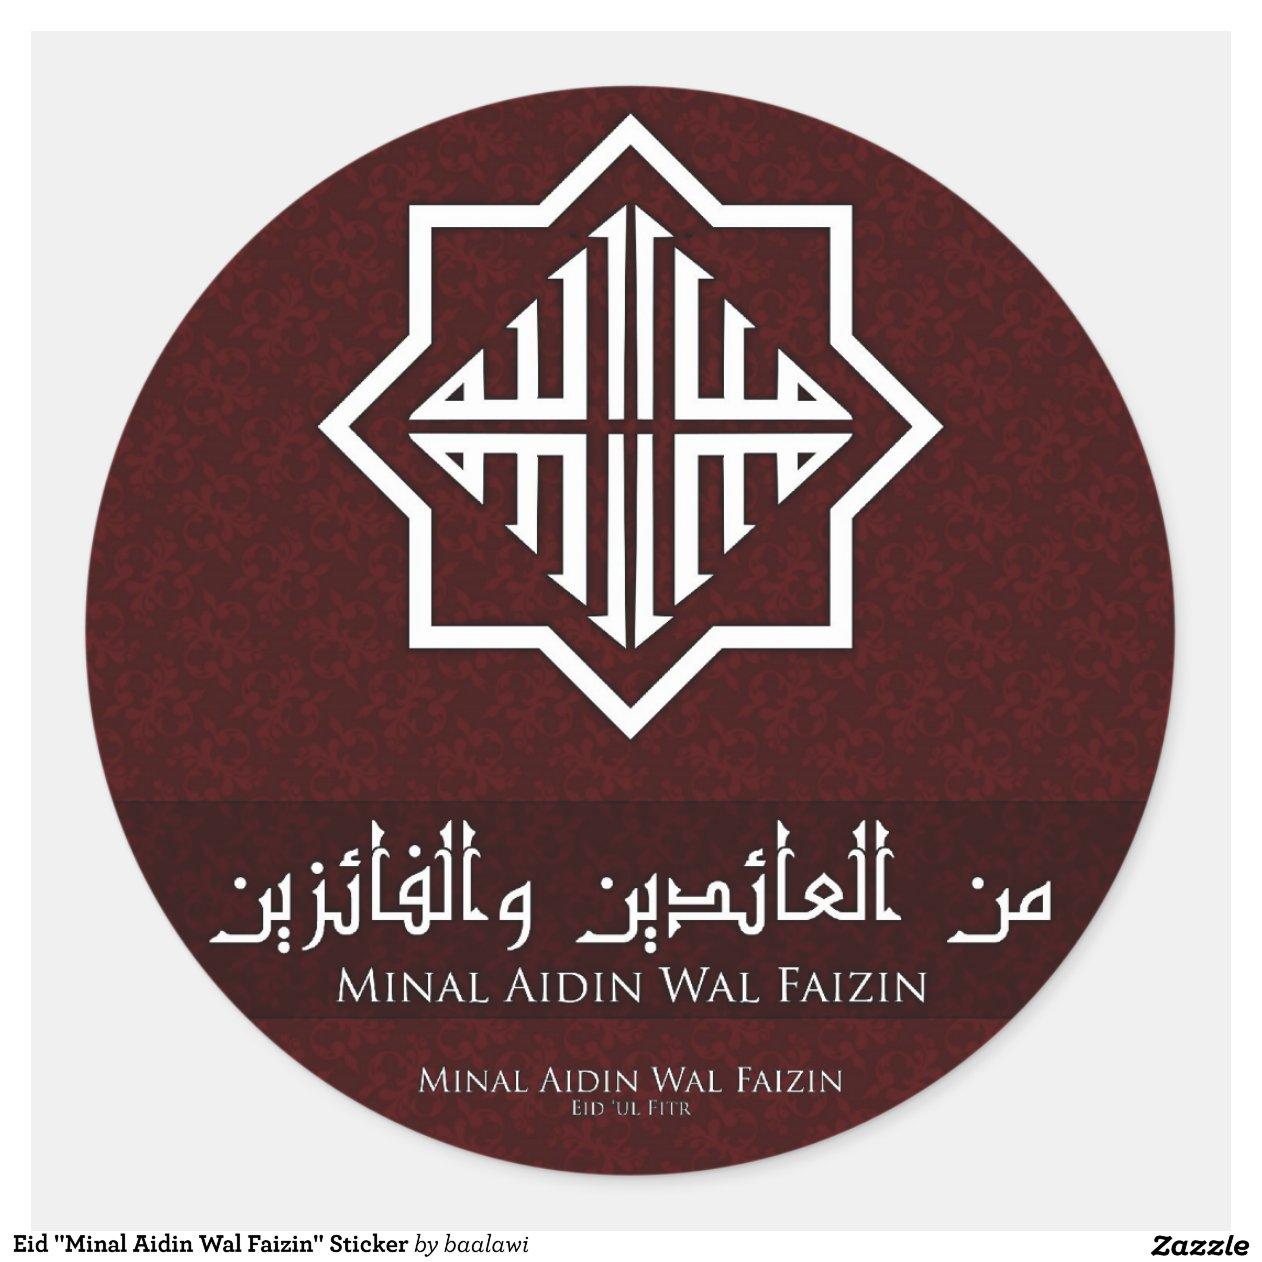 Eid Minal Aidin Wal Faizin Sticker Zazzle